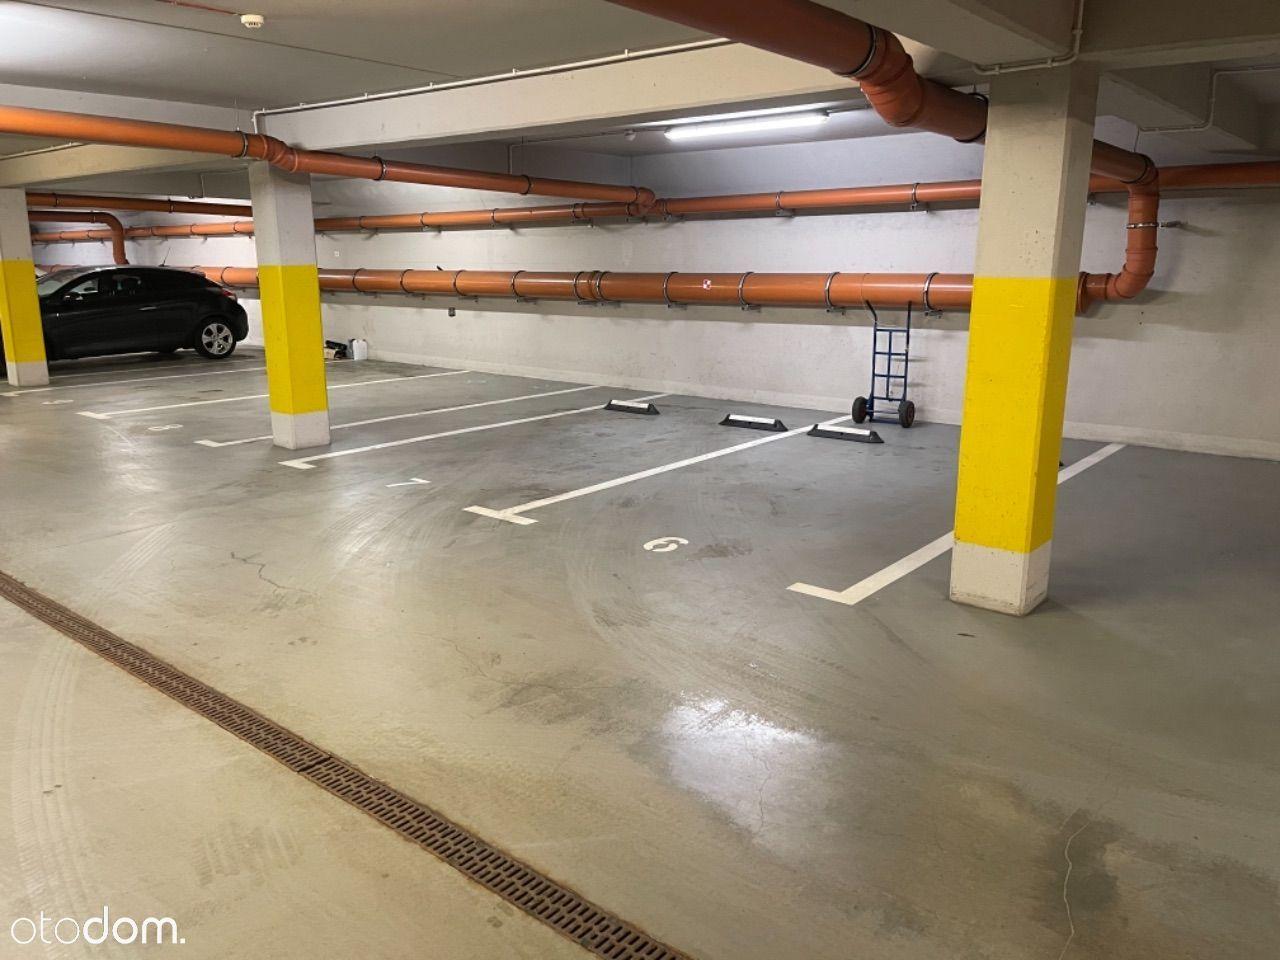 Sprzedam 2 miejsca parkingowe obok siebie Długosza